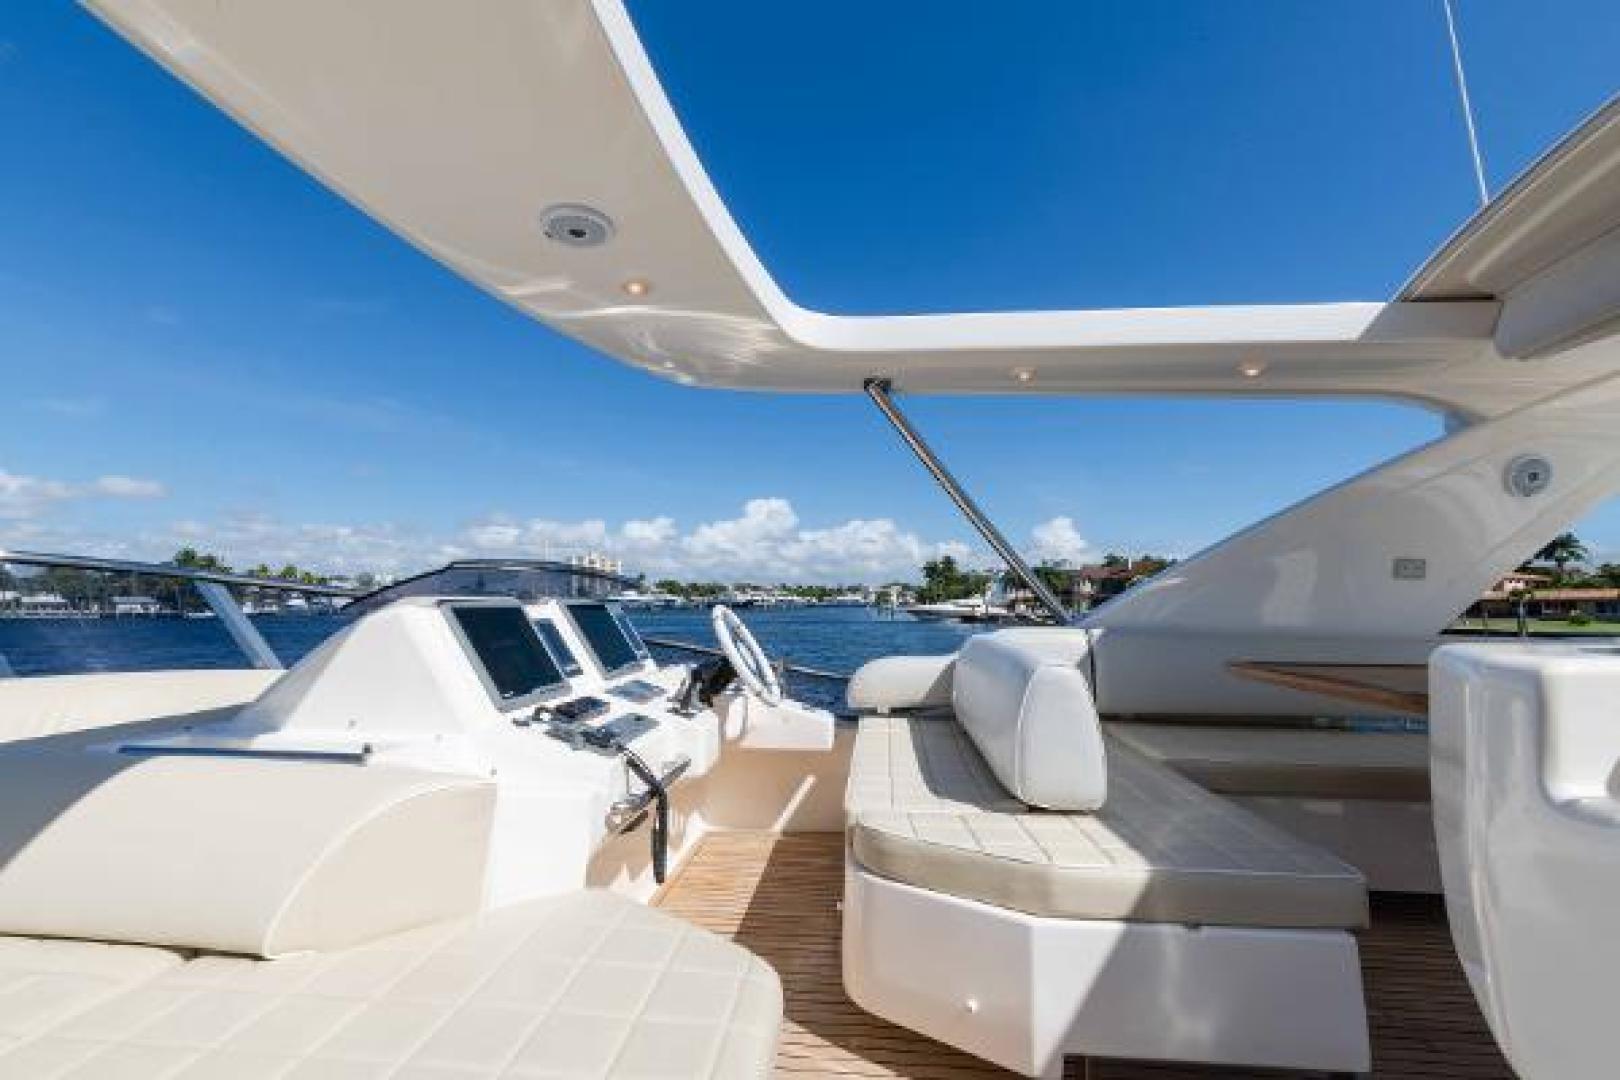 Azimut-Flybridge 2011 -Fort Lauderdale-Florida-United States-1195793 | Thumbnail